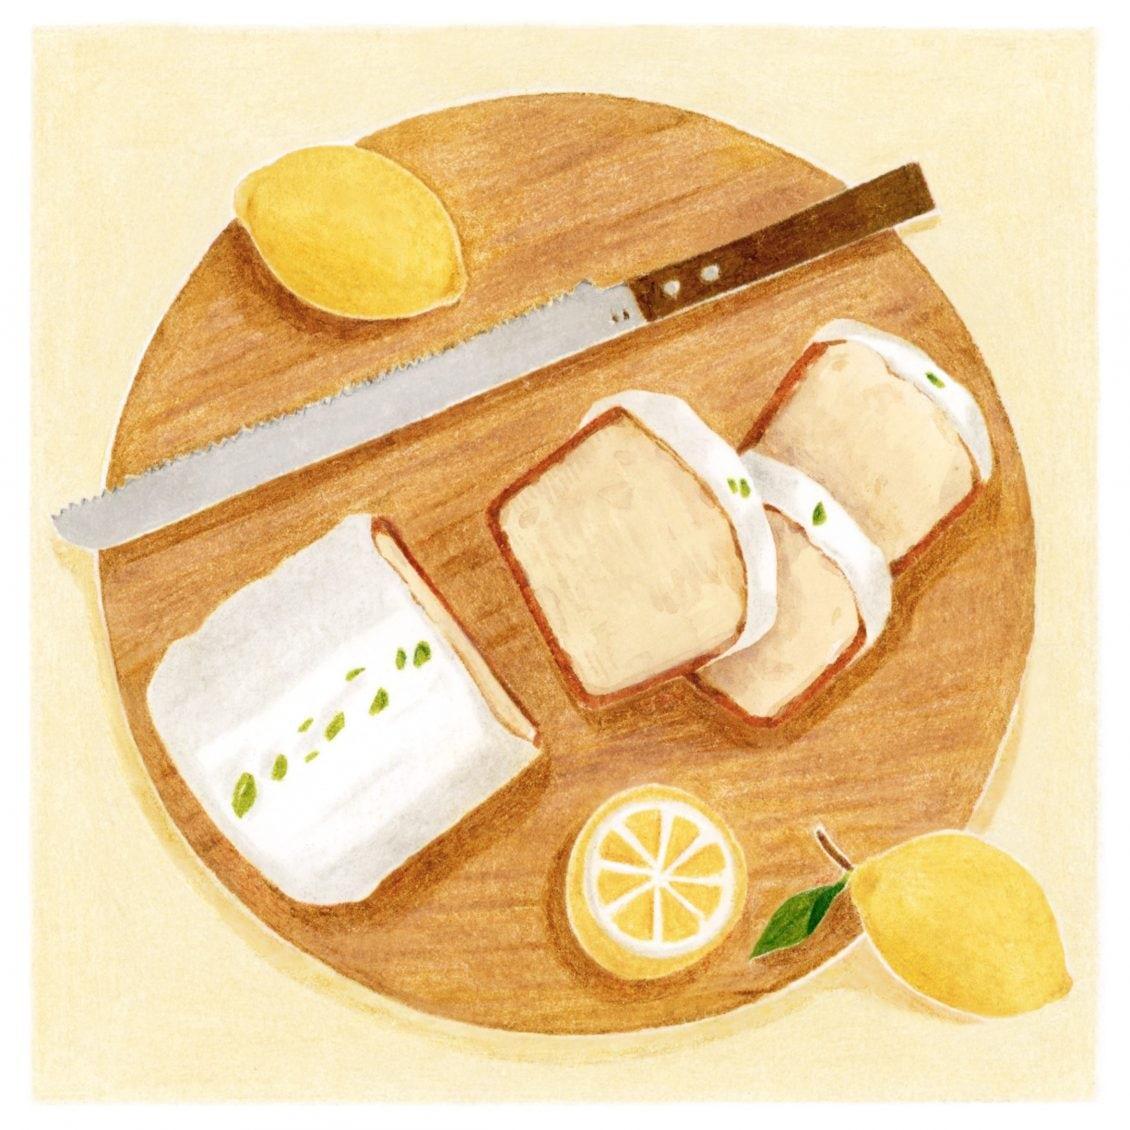 【もっと雑貨のはなしをしよう】パンを楽しく、美しく。日用品愛好家が選んだパン切りナイフ